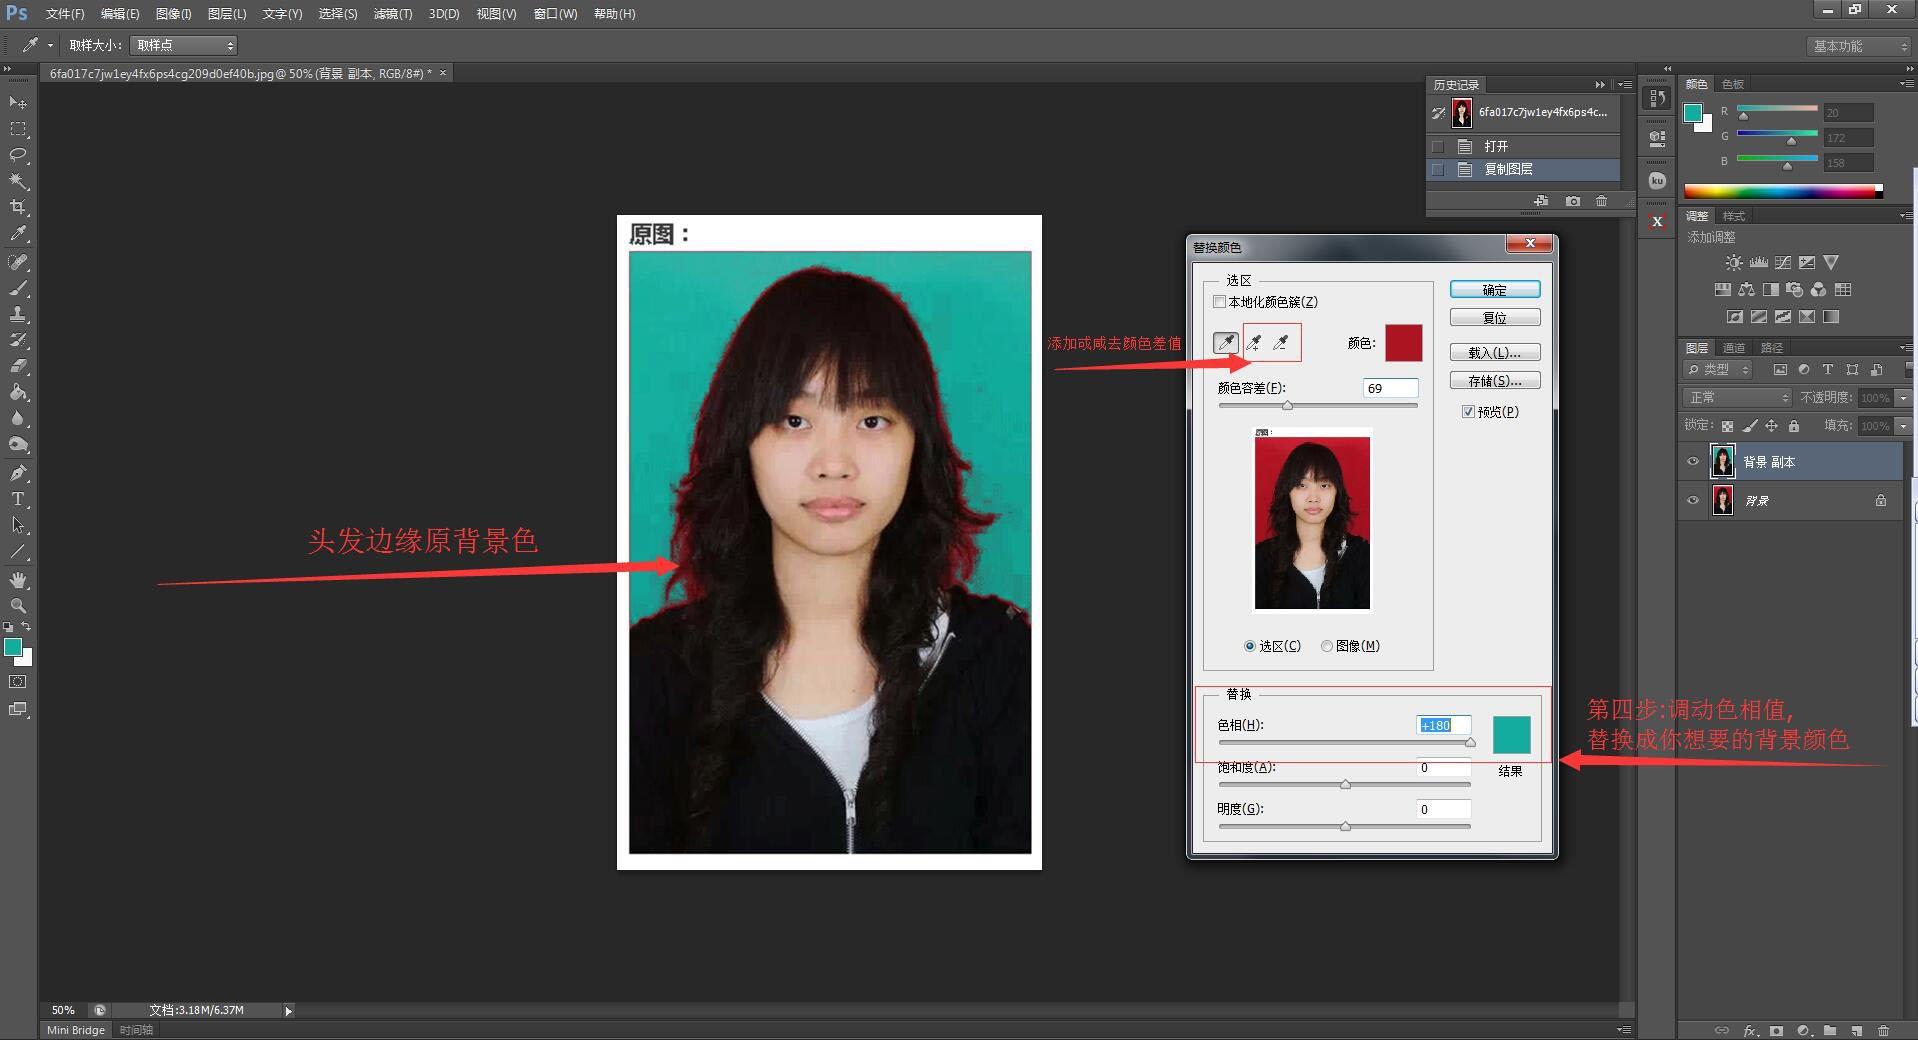 如何用PS不抠图给证件照简单快速换背景颜色方法